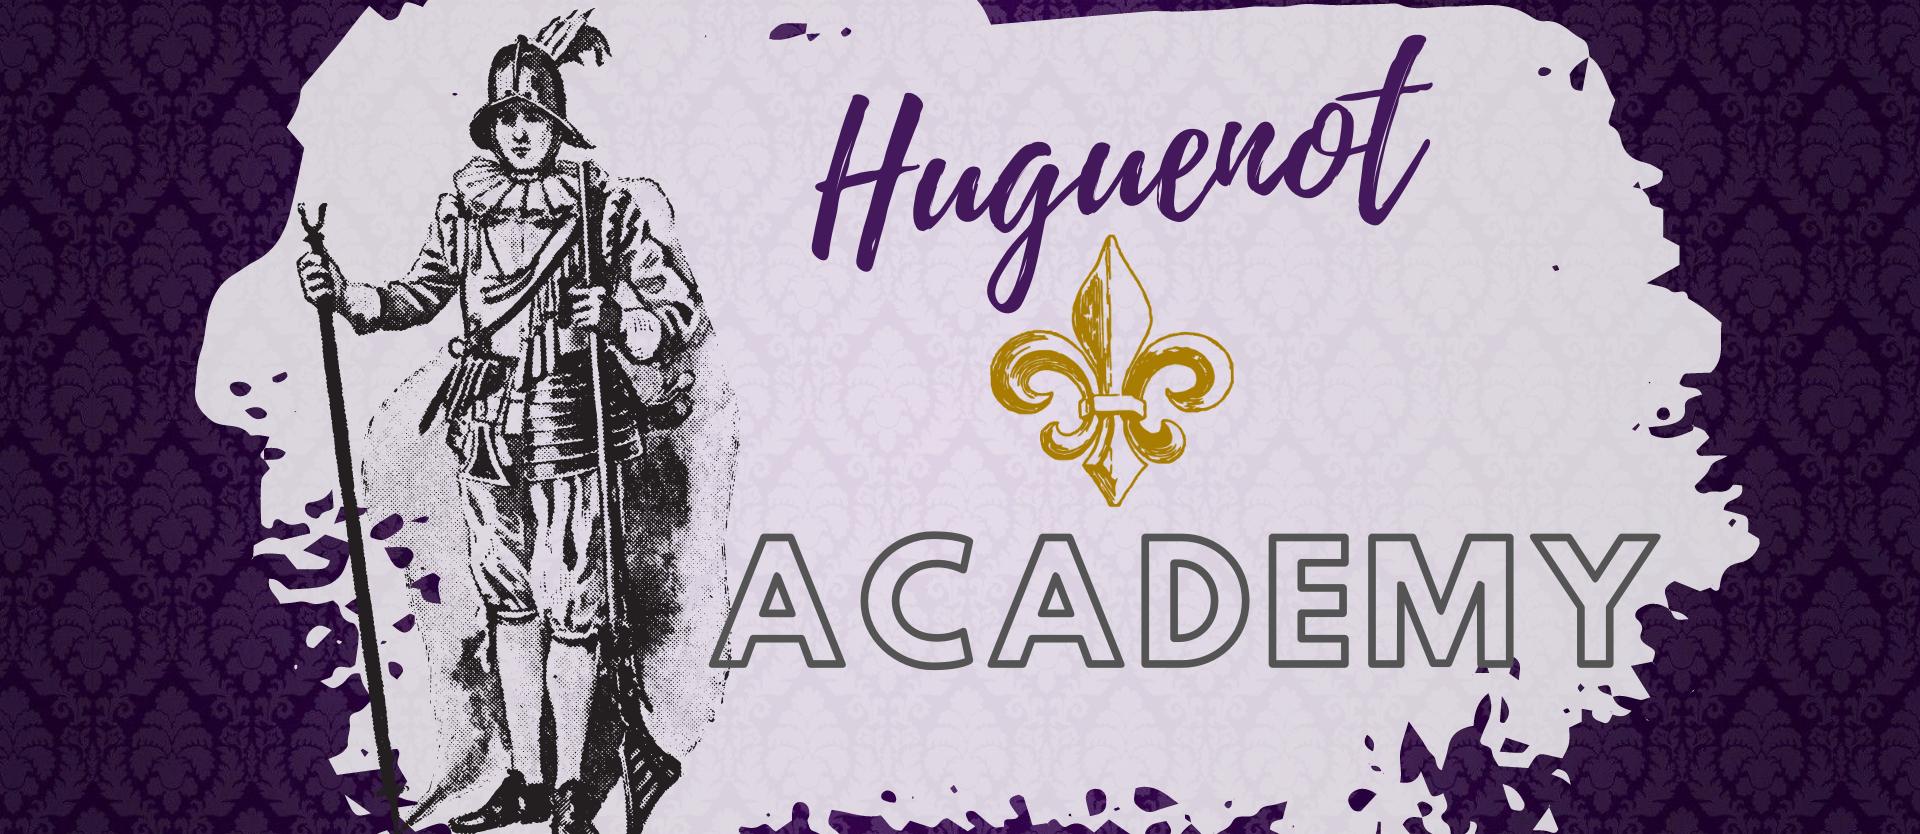 huguenot academy